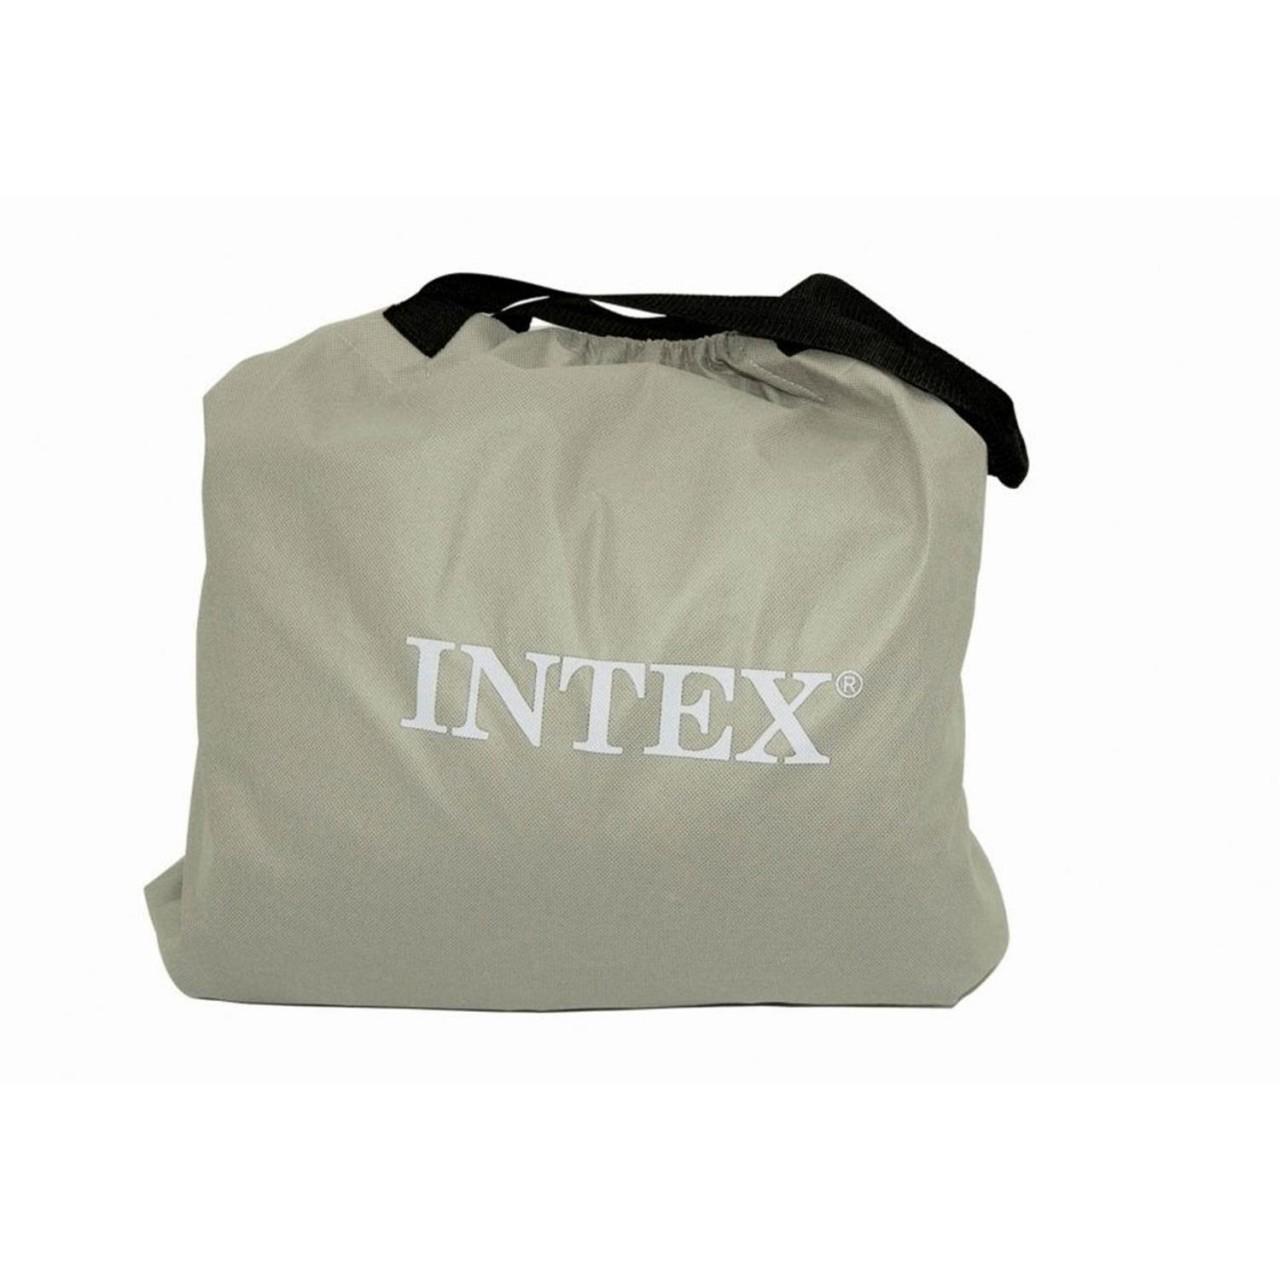 Intex Luftbett mit Pumpe Single Güstebett Matratze selbstaufblasend 191x99x46cm